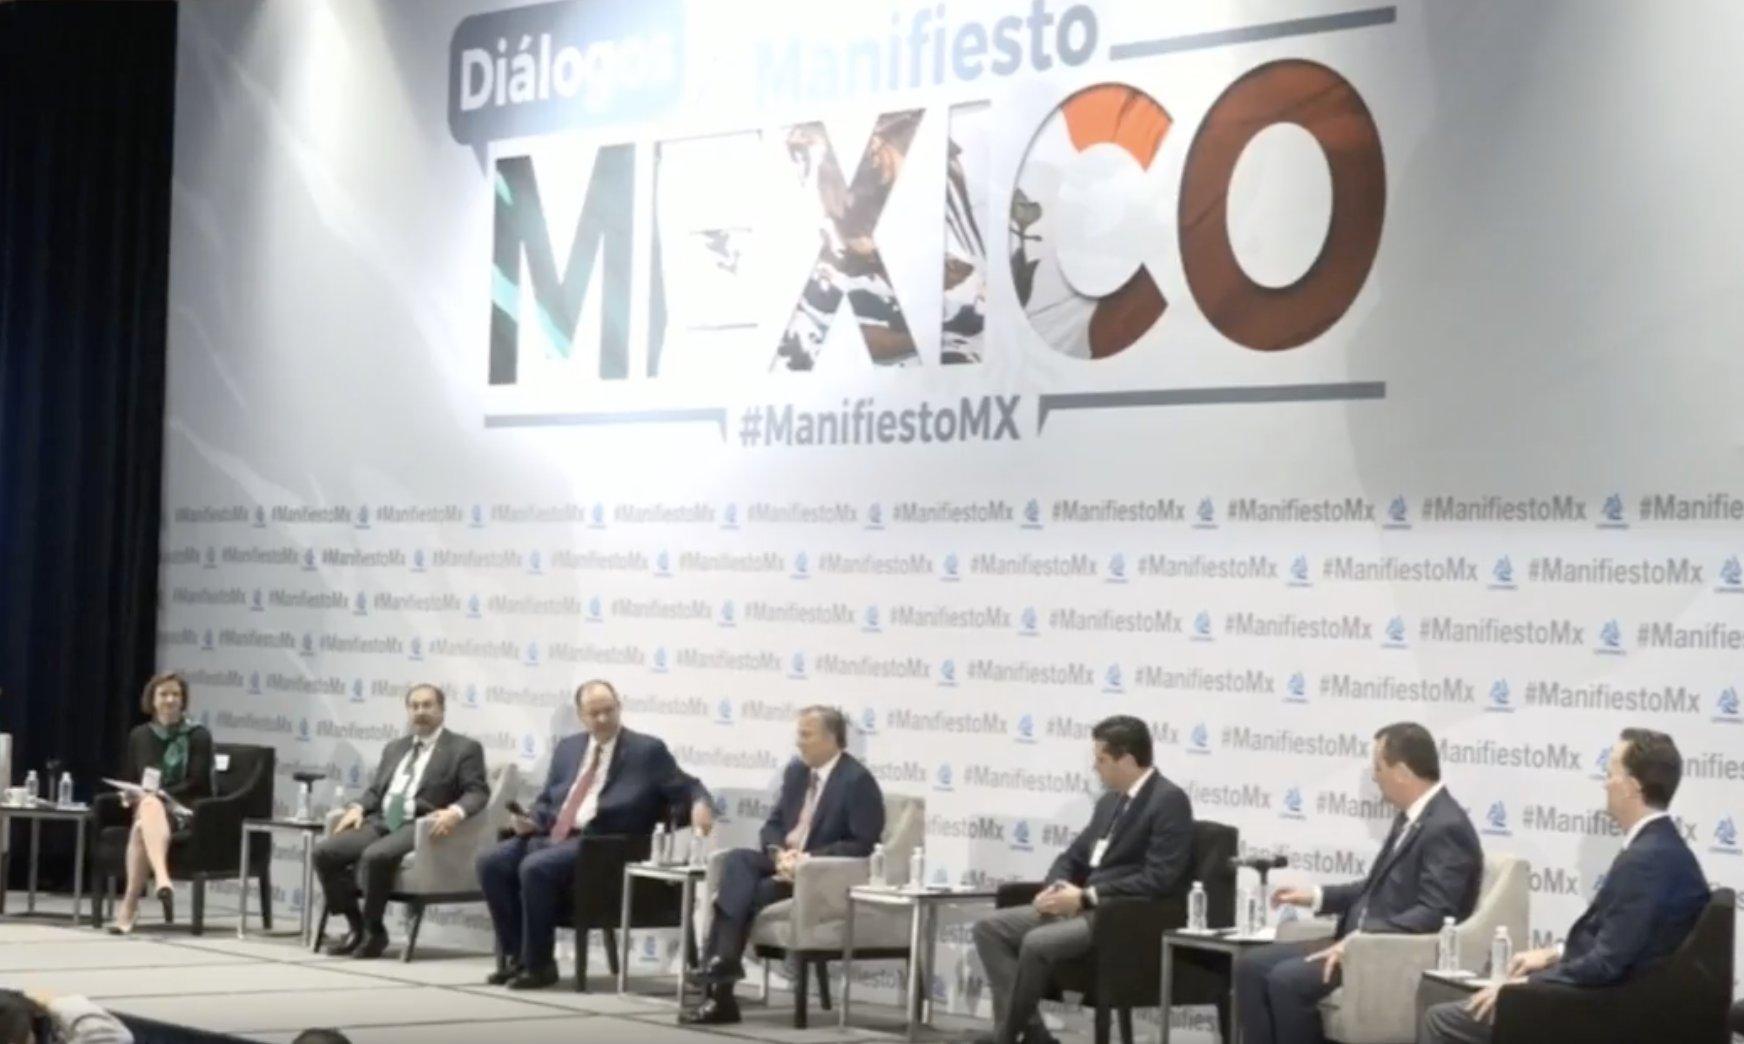 """#EnVivo. Foro """"Diálogos #ManifiestoMX"""", organizado por la @Coparmex. Sigue la transmisión en https://t.co/U1OlKSIBge https://t.co/OFxbUgRnrd"""